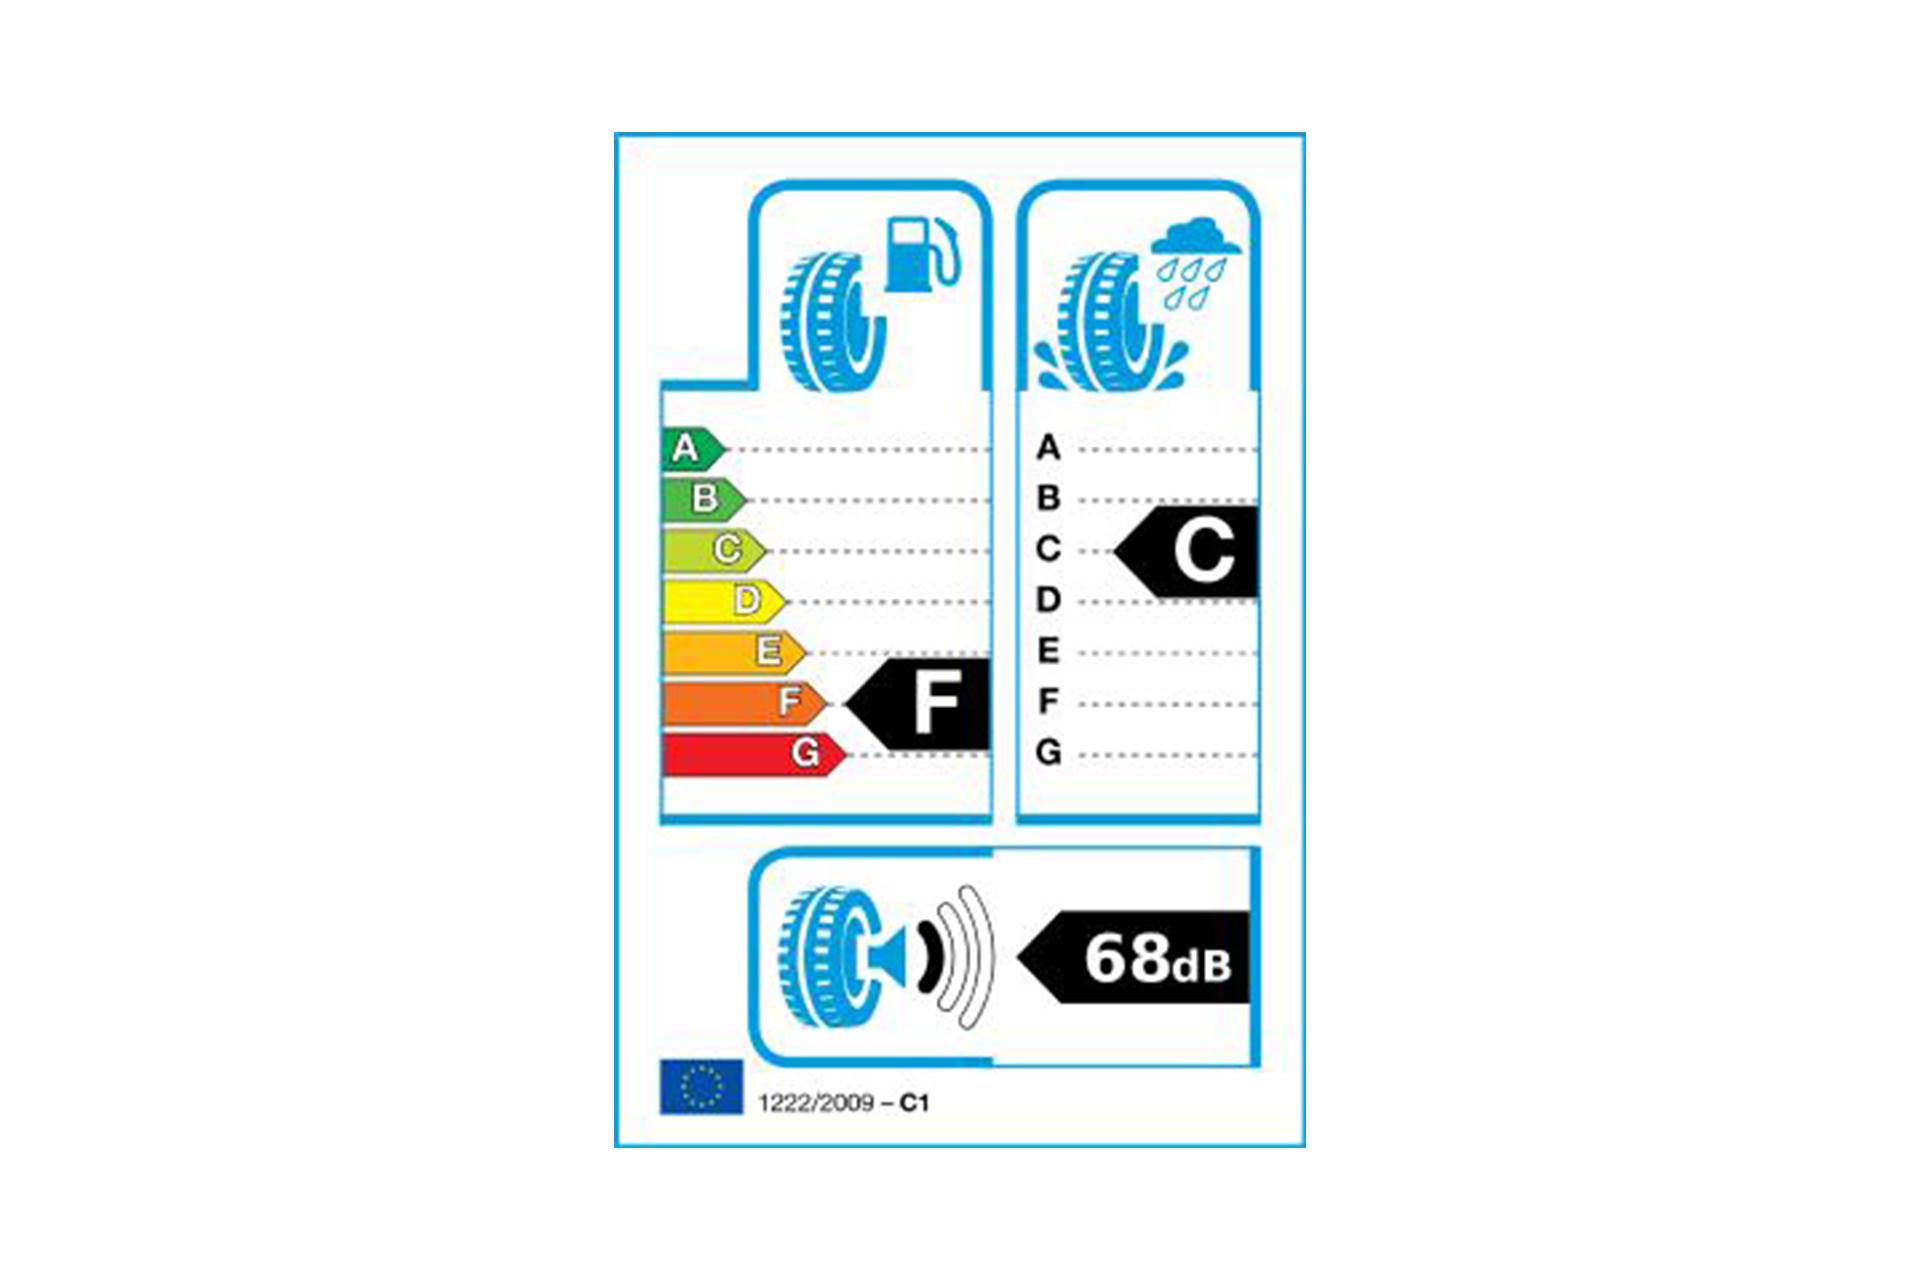 Foto: EU-Reifenlabel für Goodyear EAGLE RS-A² P 245/45 R 19 98 V